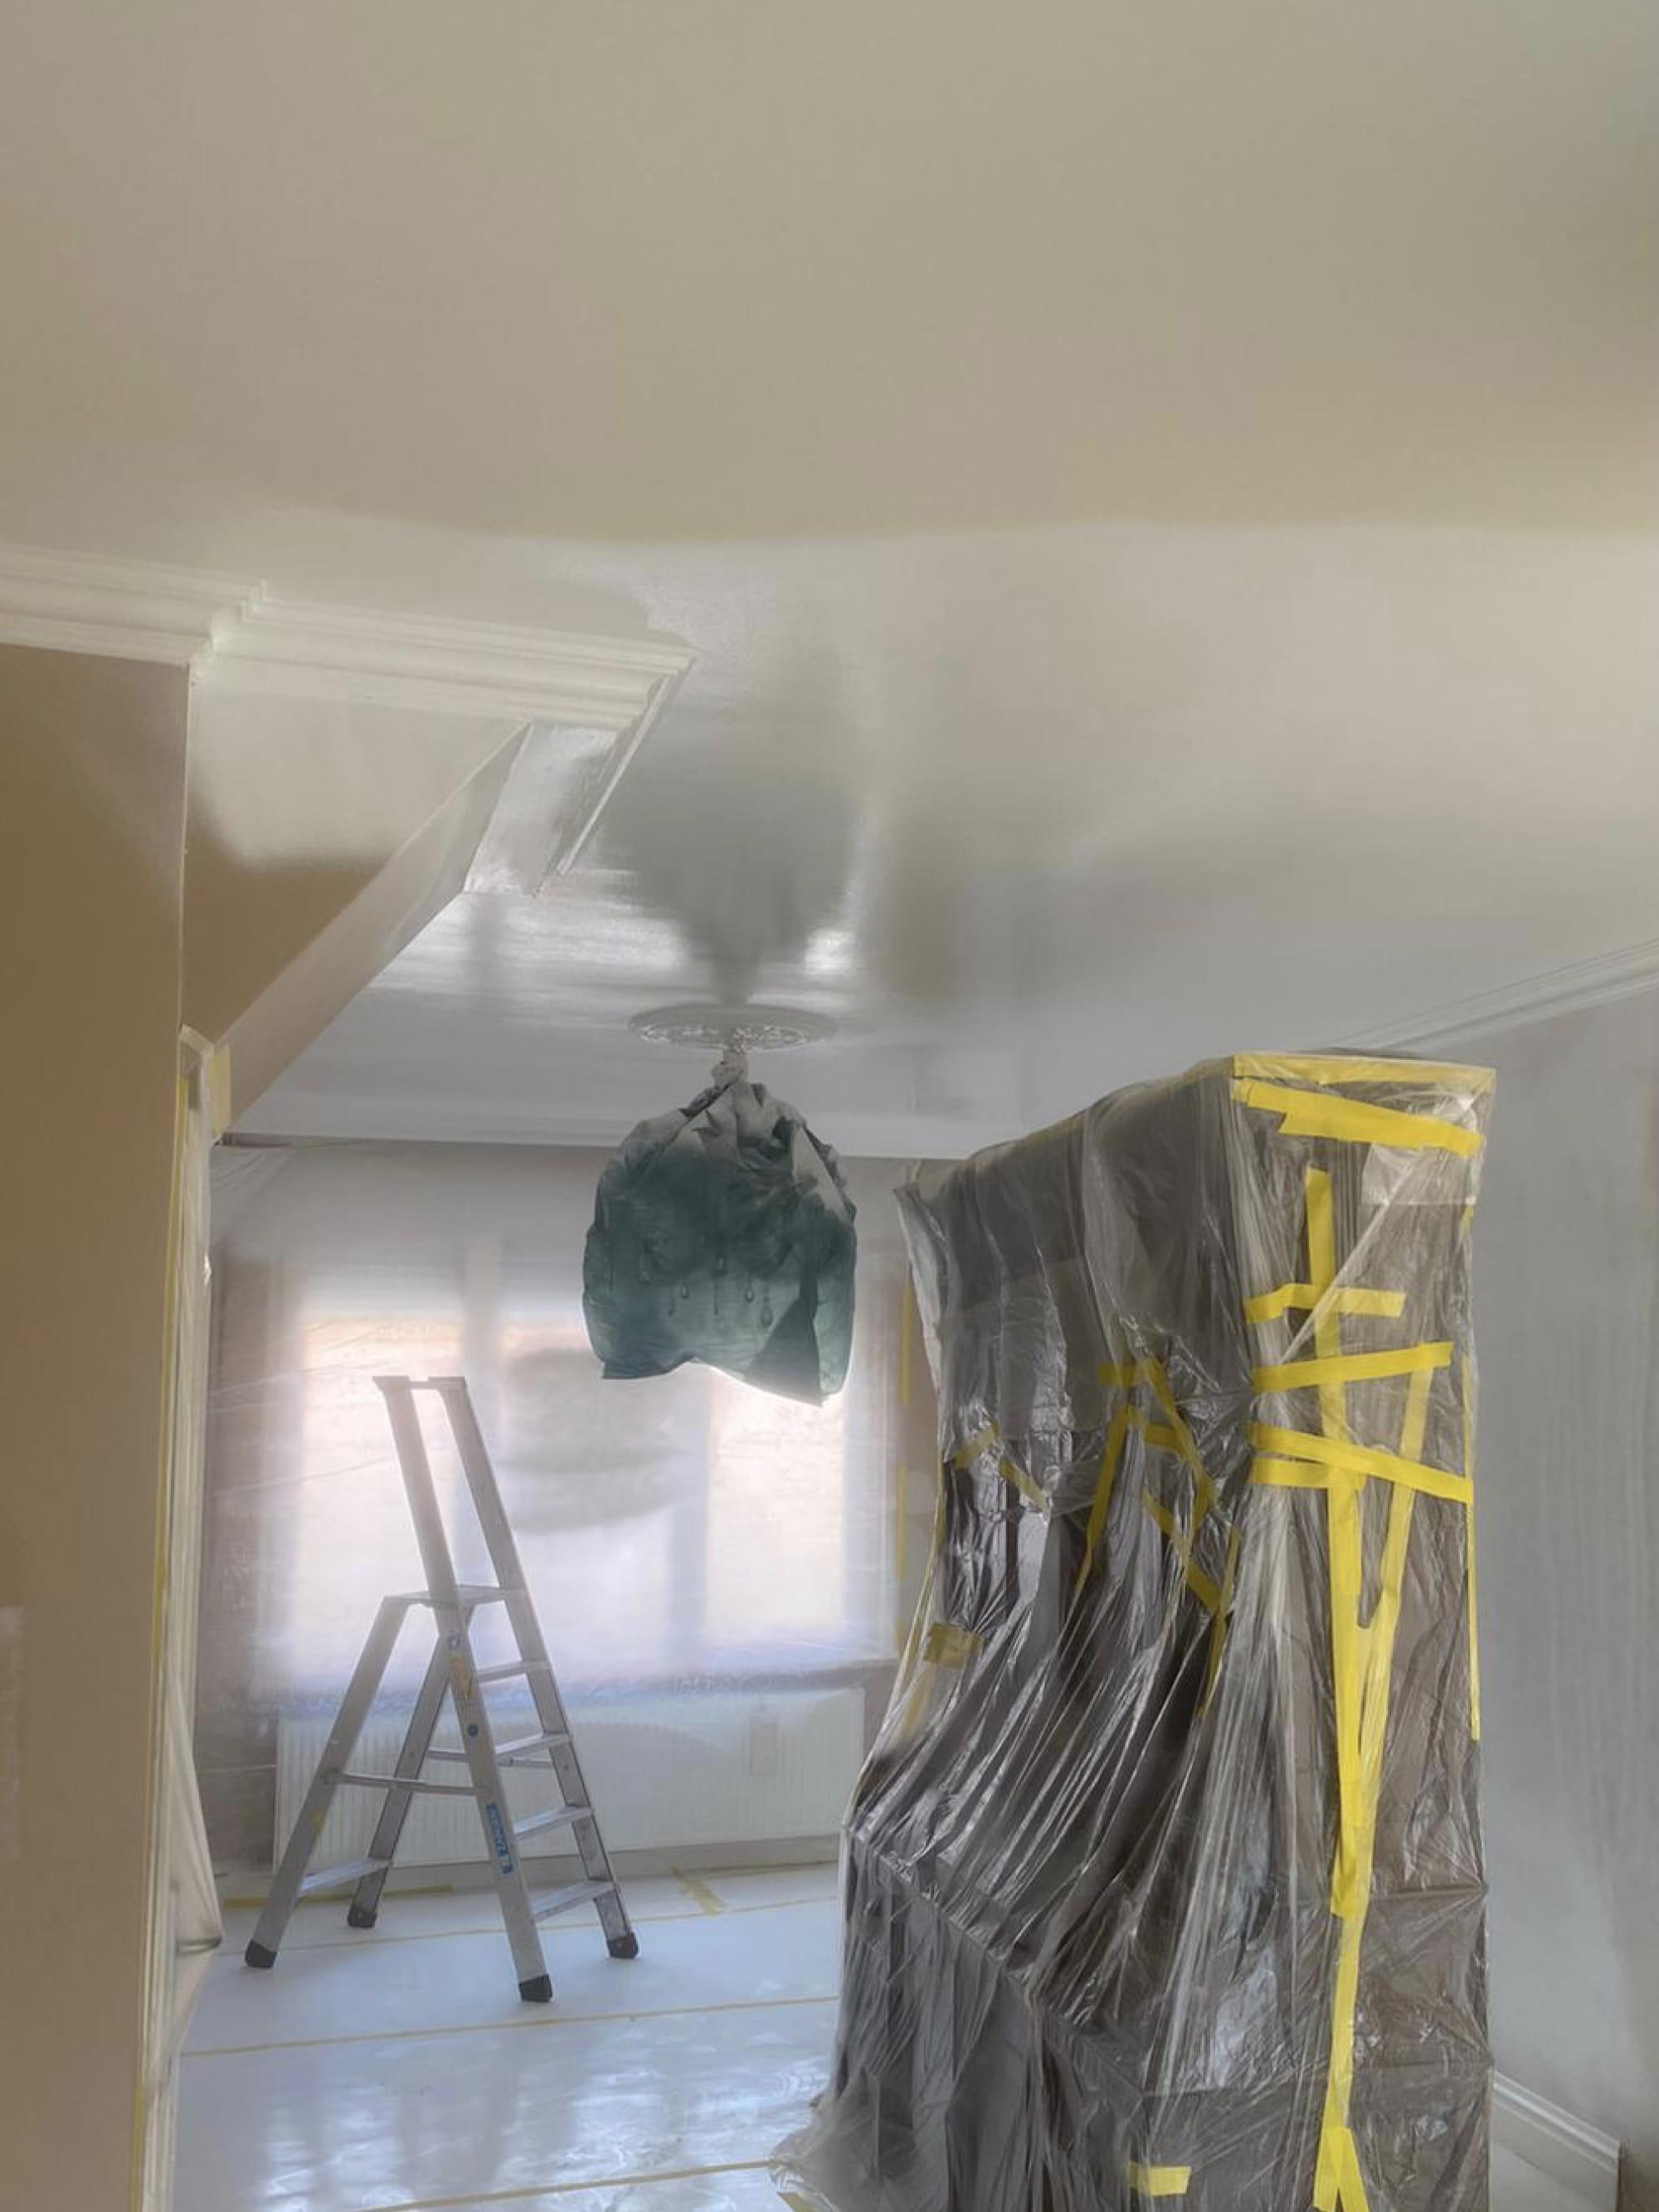 Aanslag op uw muren? Gebruik isolerend latex!